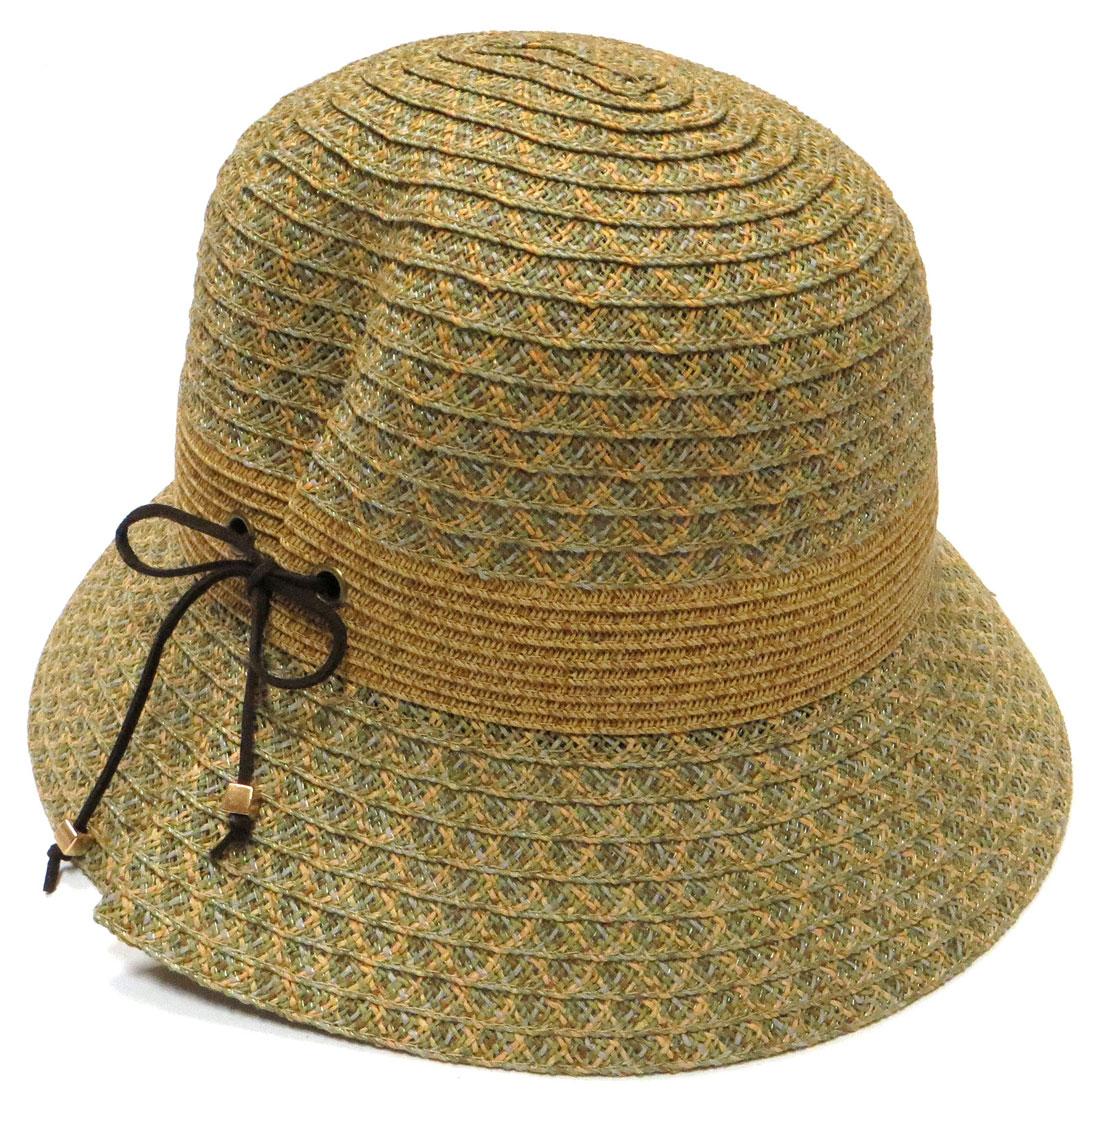 New Sun Hats